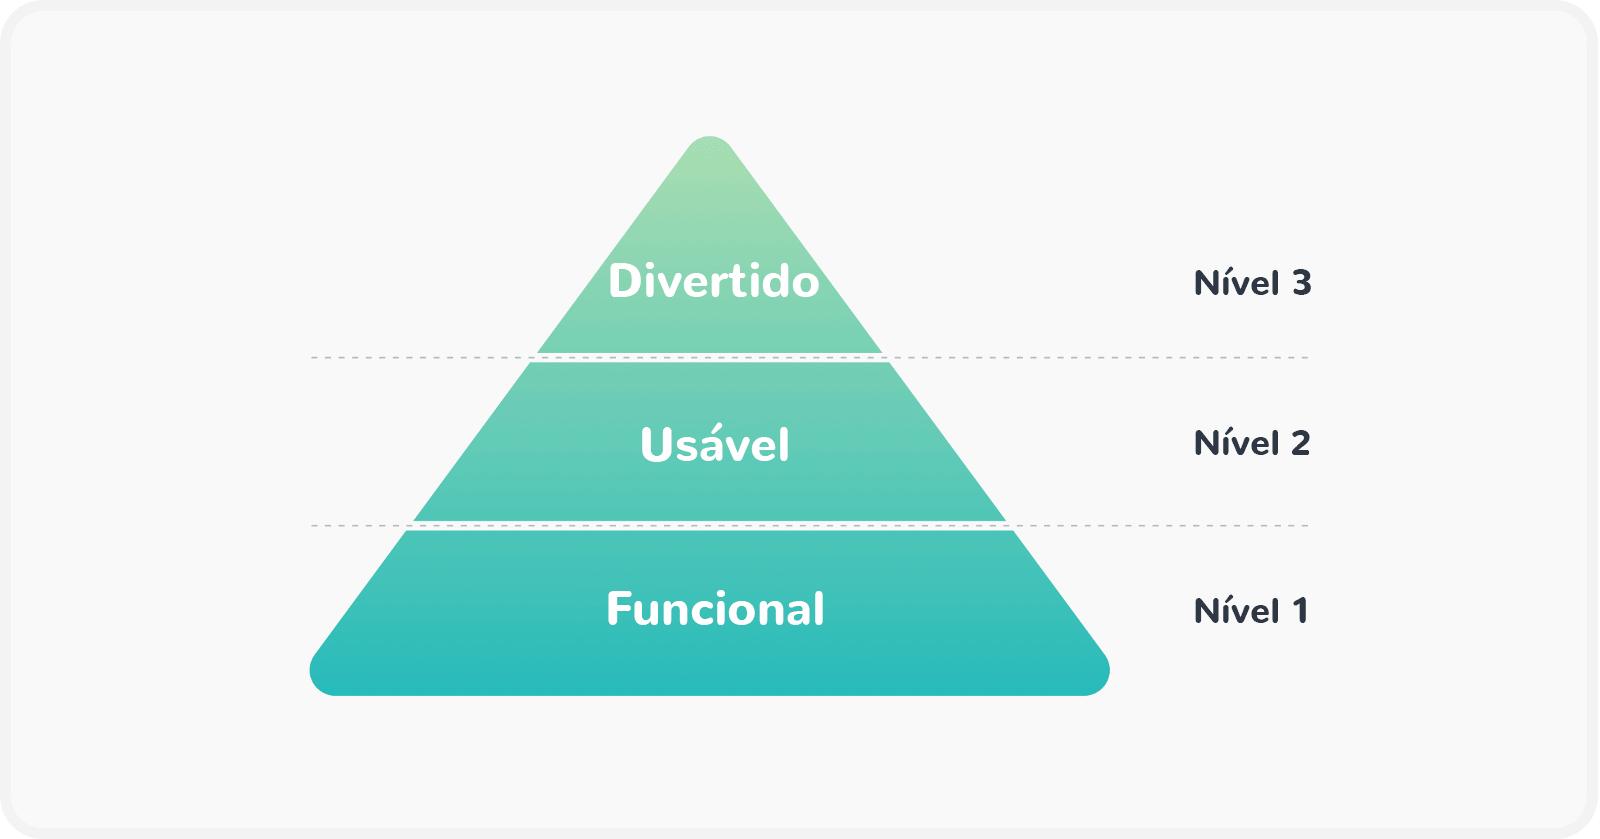 Introdução à gamificação: pirâmide de importância, mostrando que gamificação está no topo, ocupando um espaço menor